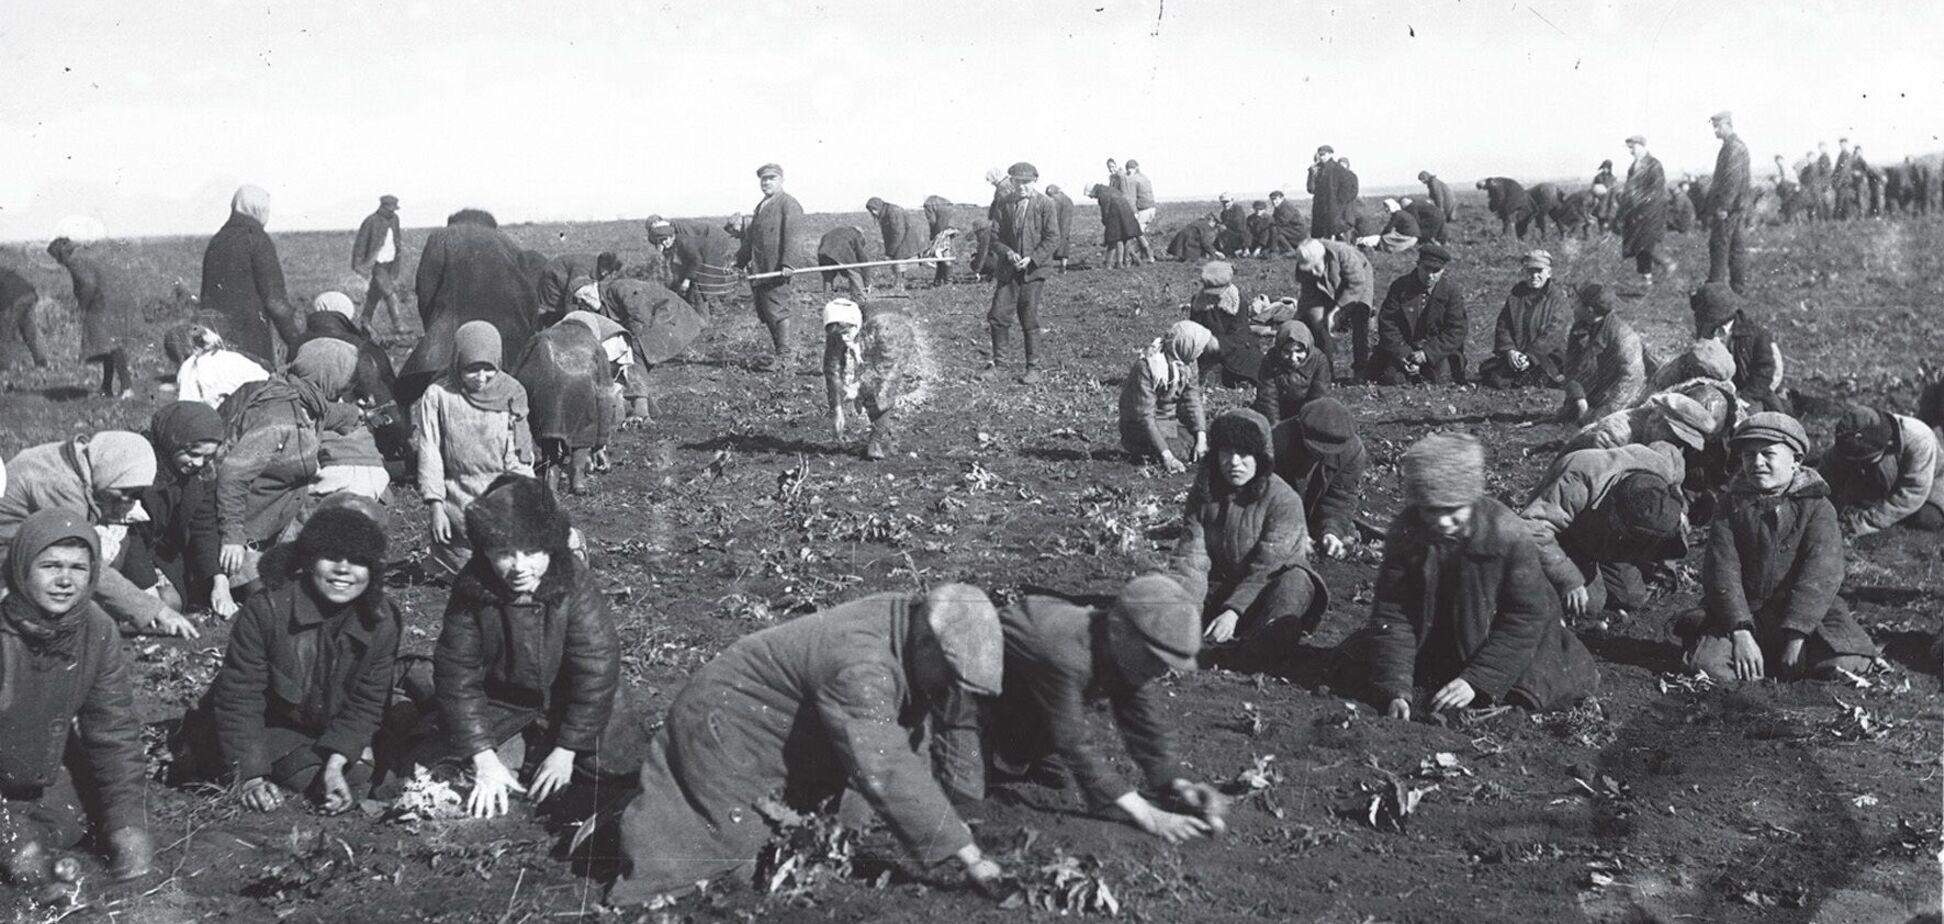 Дитяча праця повсюдно застосовувалася в СРСР